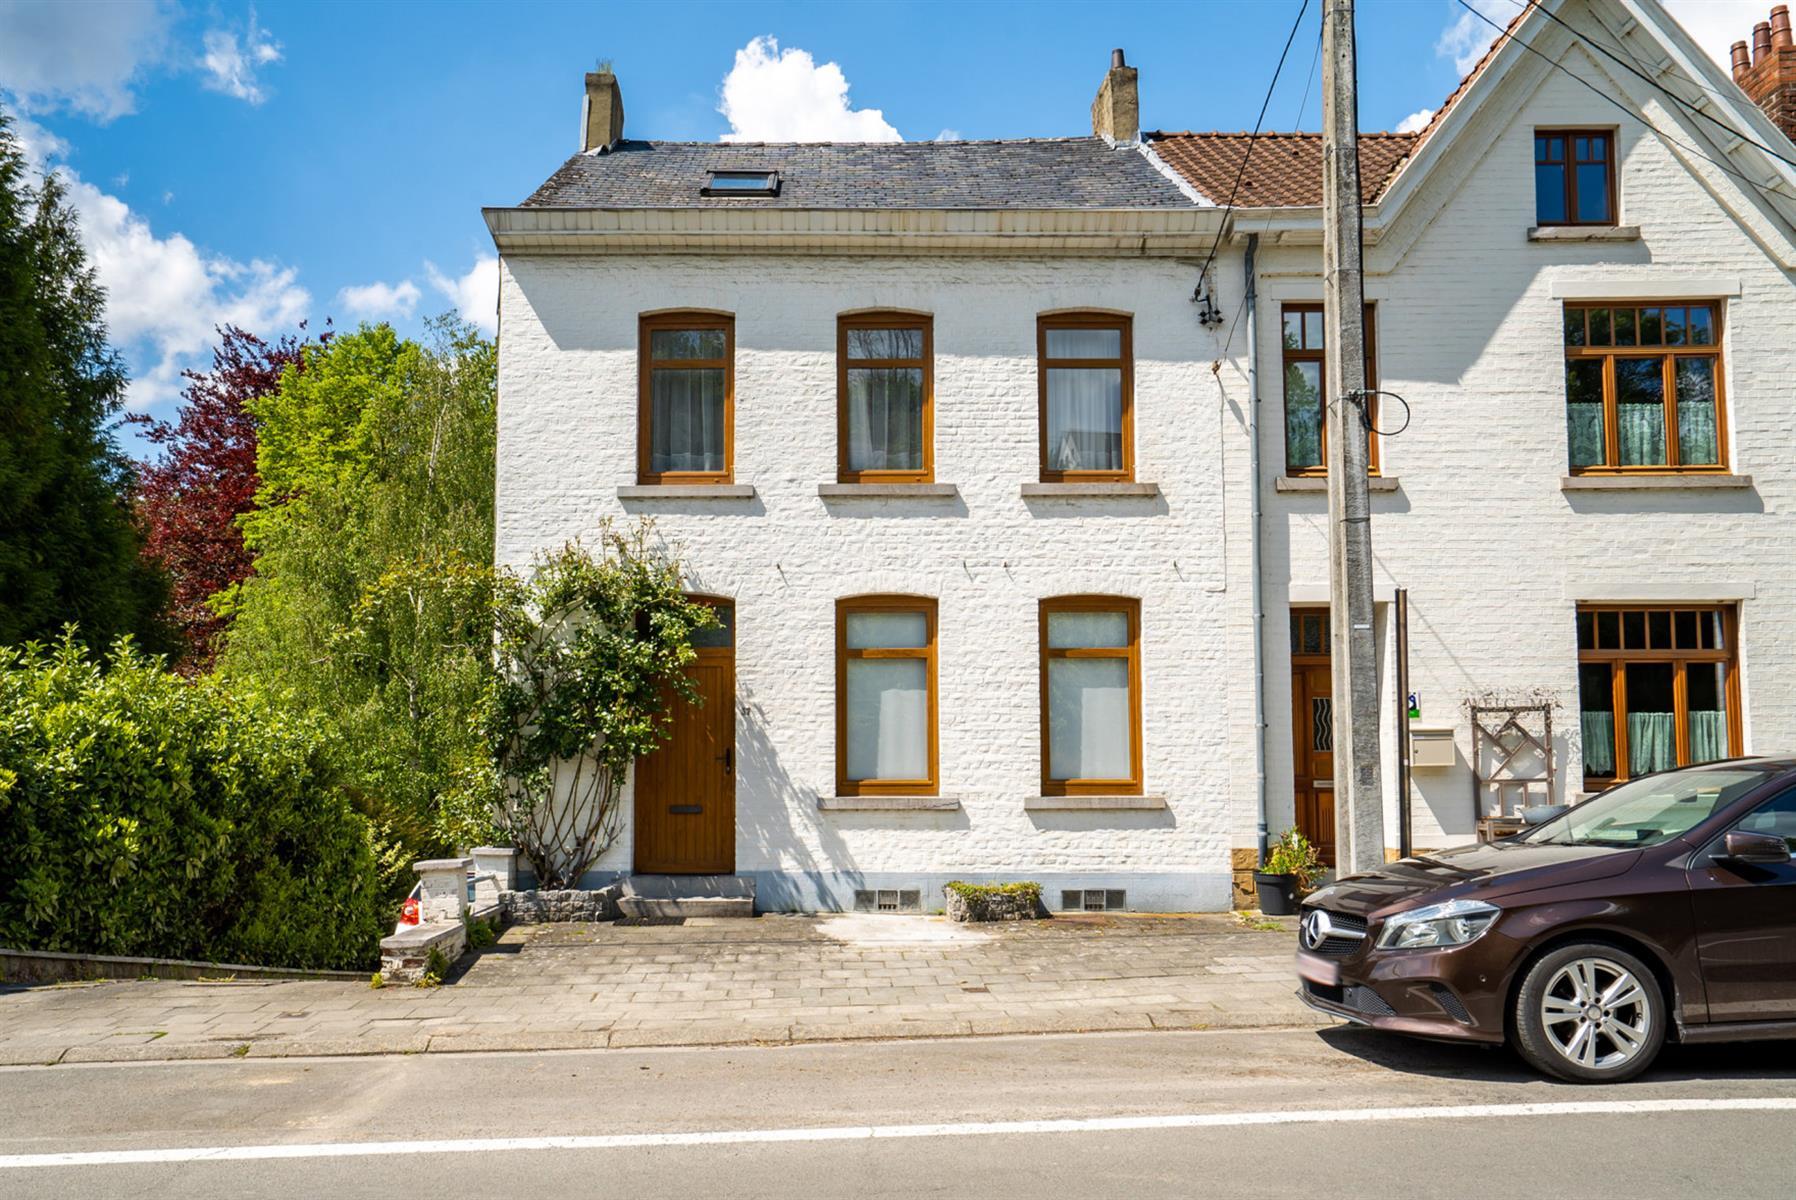 Maison - Ottignies - #4407545-23